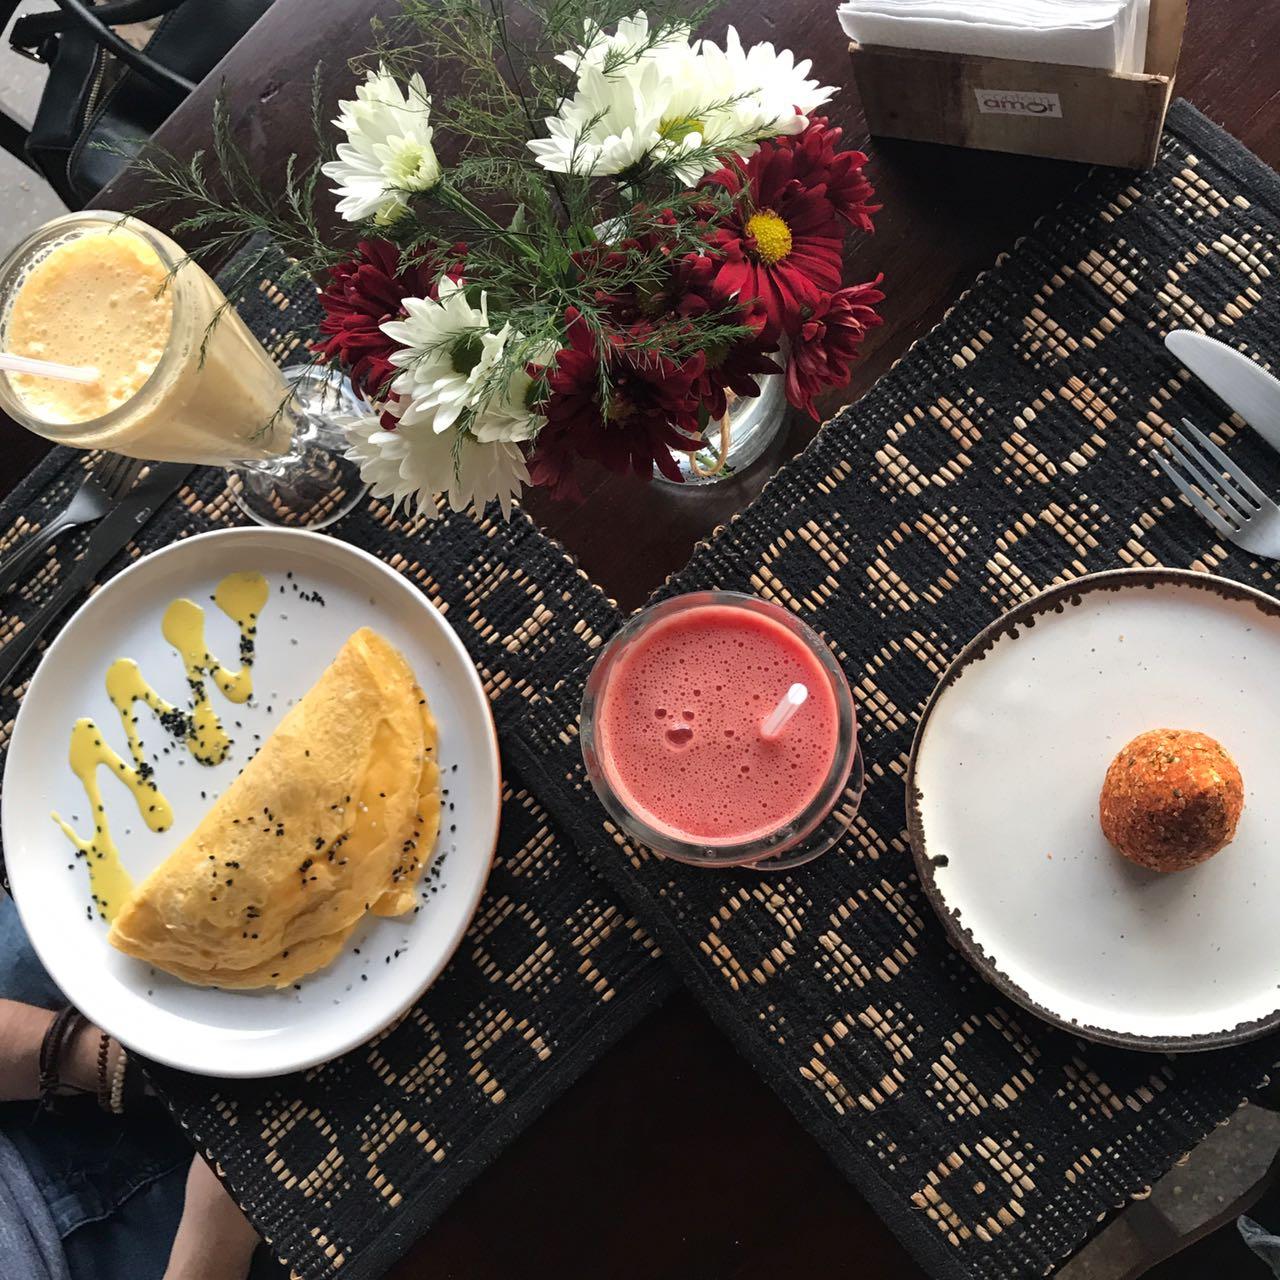 restaurante saudável floripa florianopolis (5)